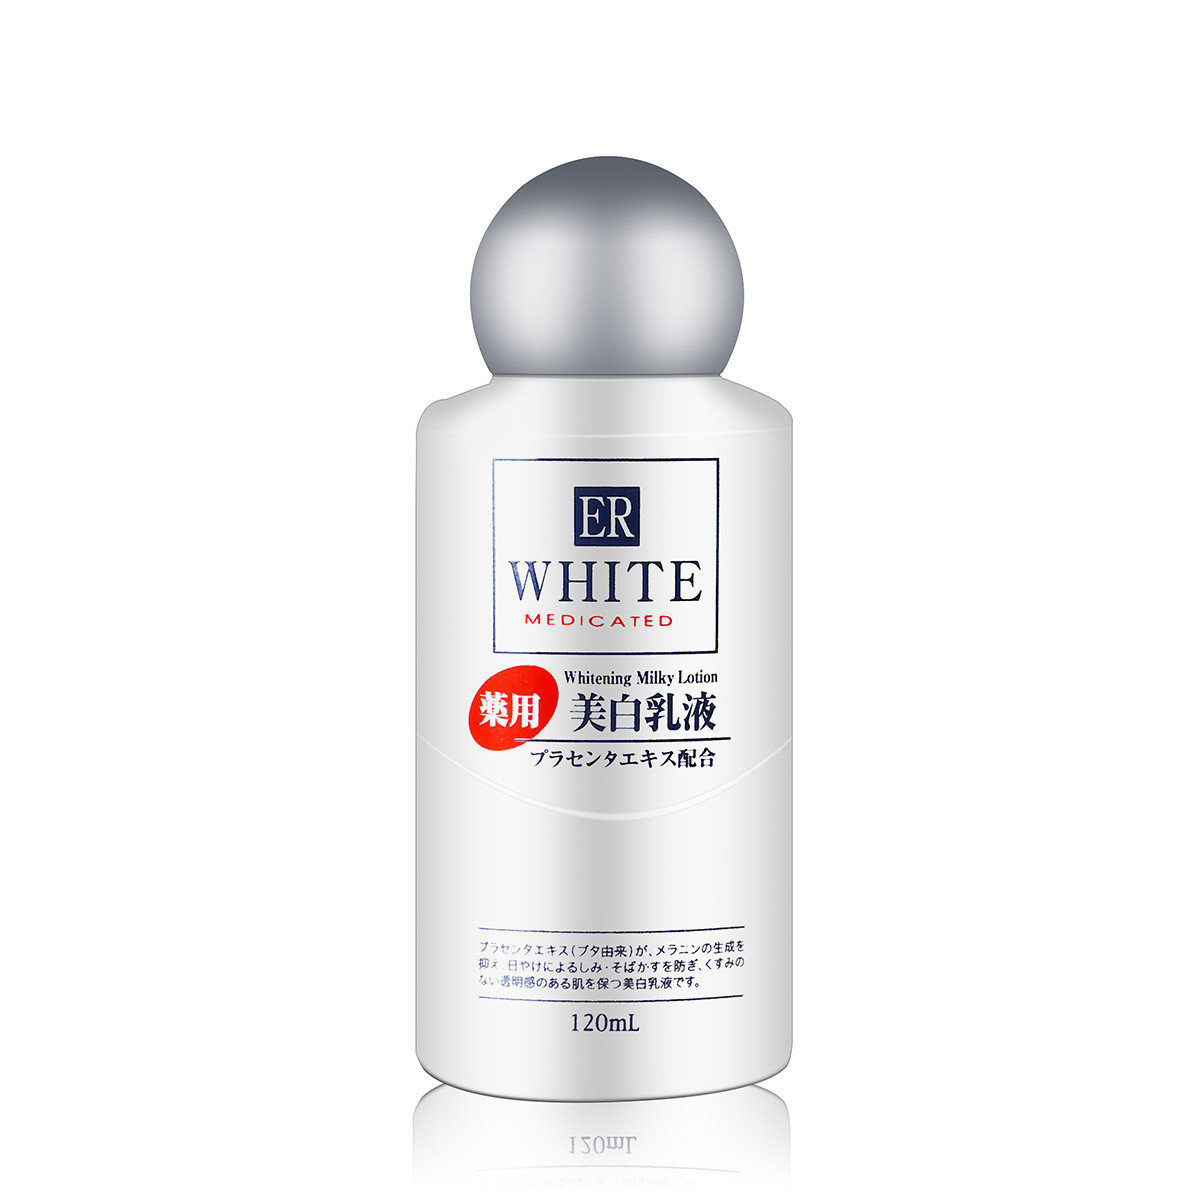 ER Whitening Milky Lotion 120ml (4997770096943) (Parallel Import goods)